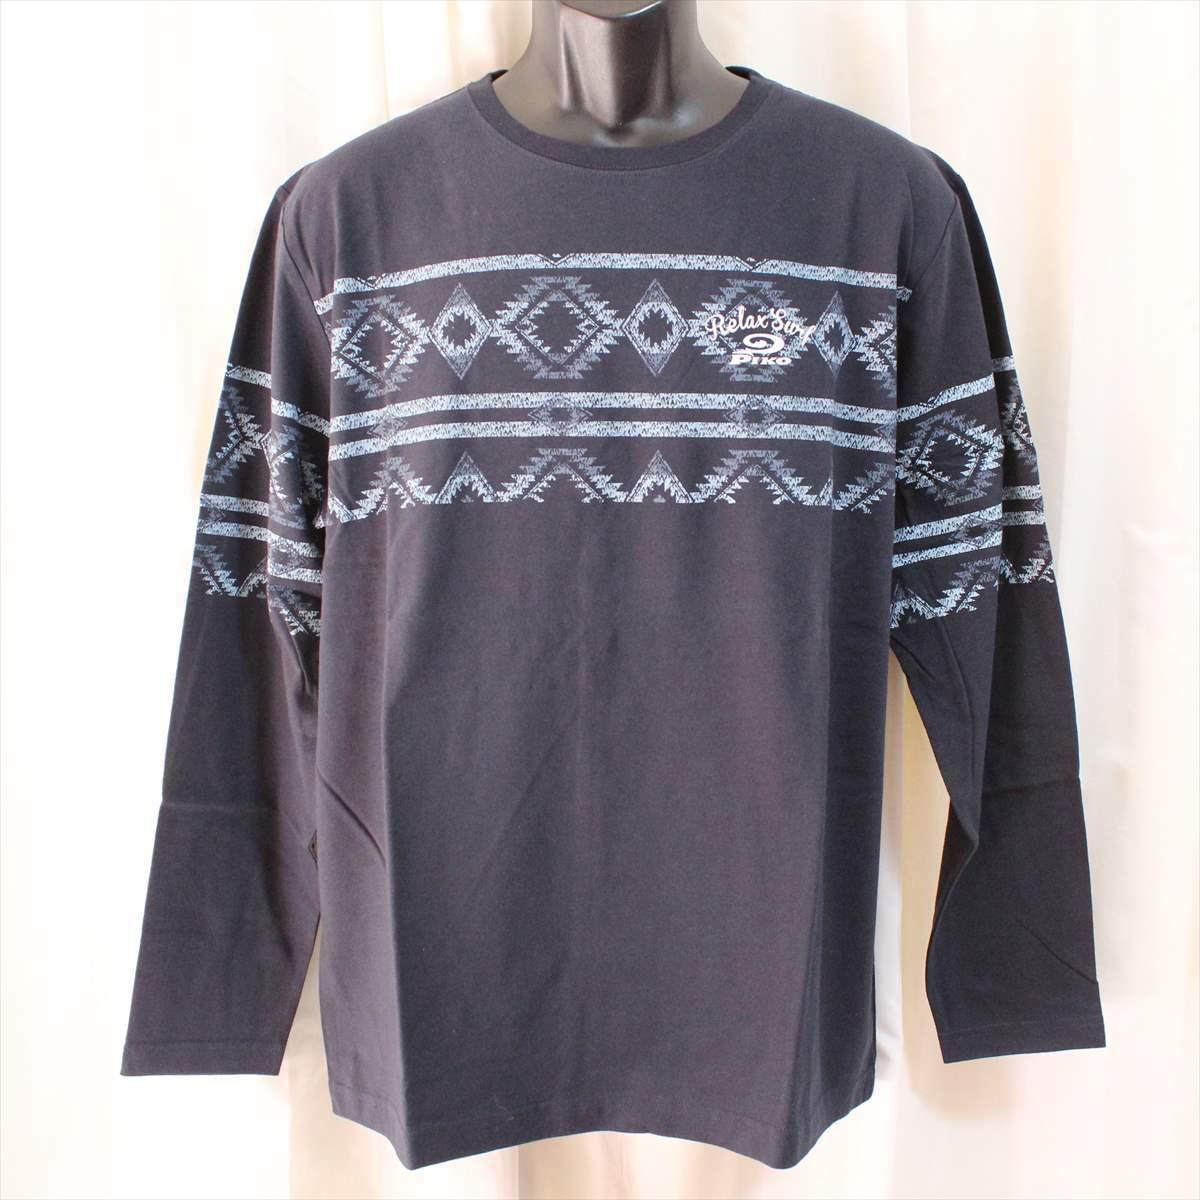 ピコ PIKO メンズ長袖Tシャツ ネイビー XXXLサイズ 新品 サーフ ハワイアン 紺_画像1